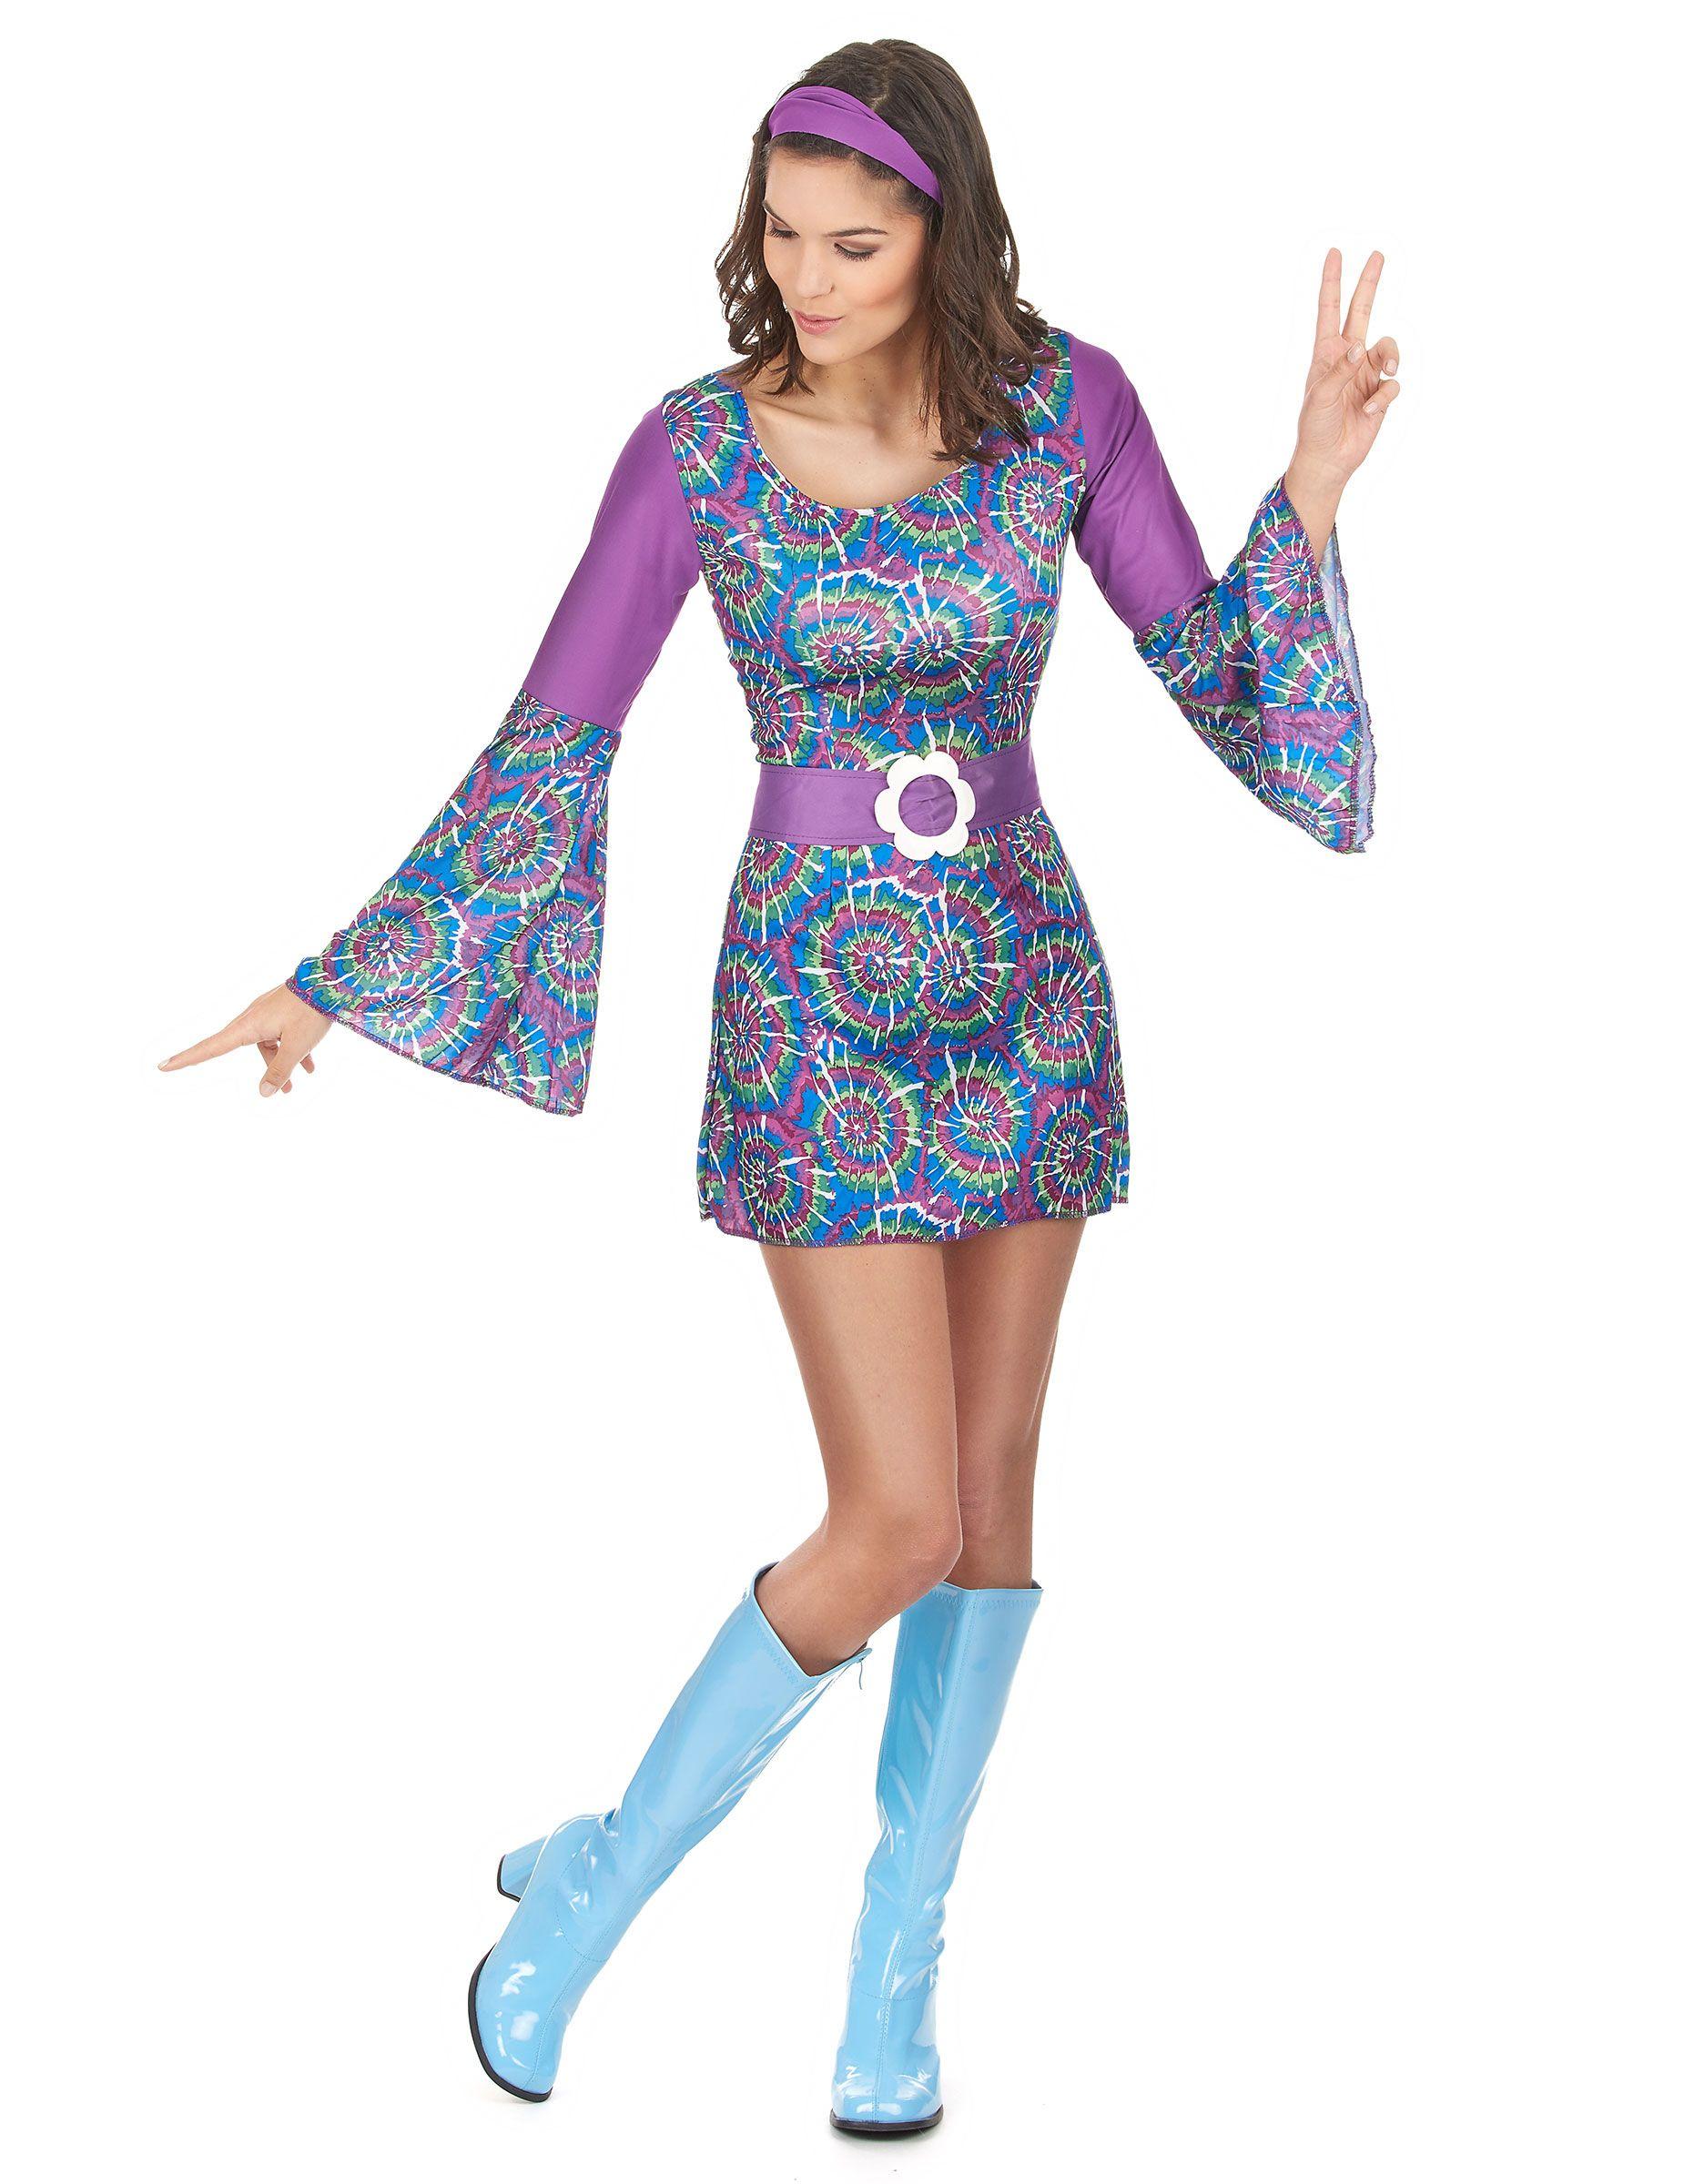 Moda Degli Anni 70 · Costume hippie viola donna  Questo travestimento da  figlia dei fiori per donna comprende un vestito 14f0a44c60f